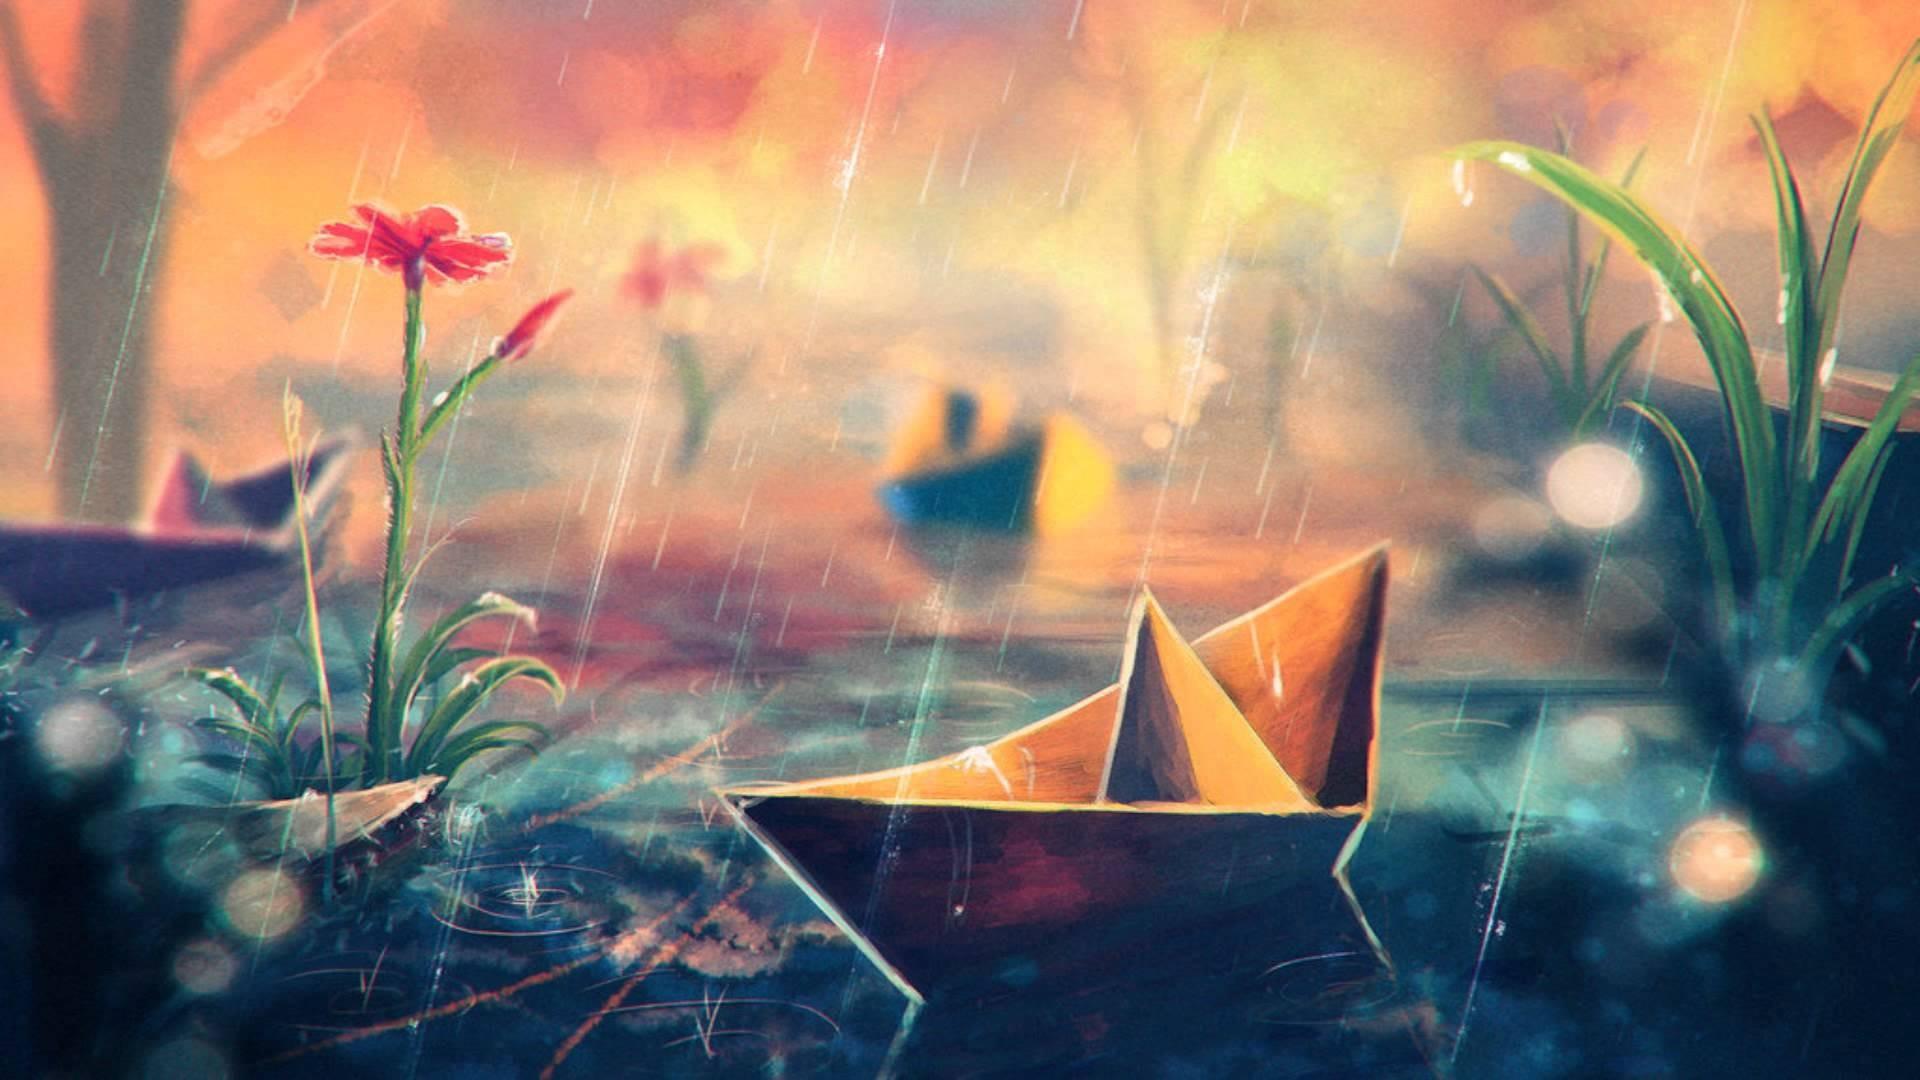 美图,图片,创意 几张和航海有关的创意图片 wallhaven-109653.jpg